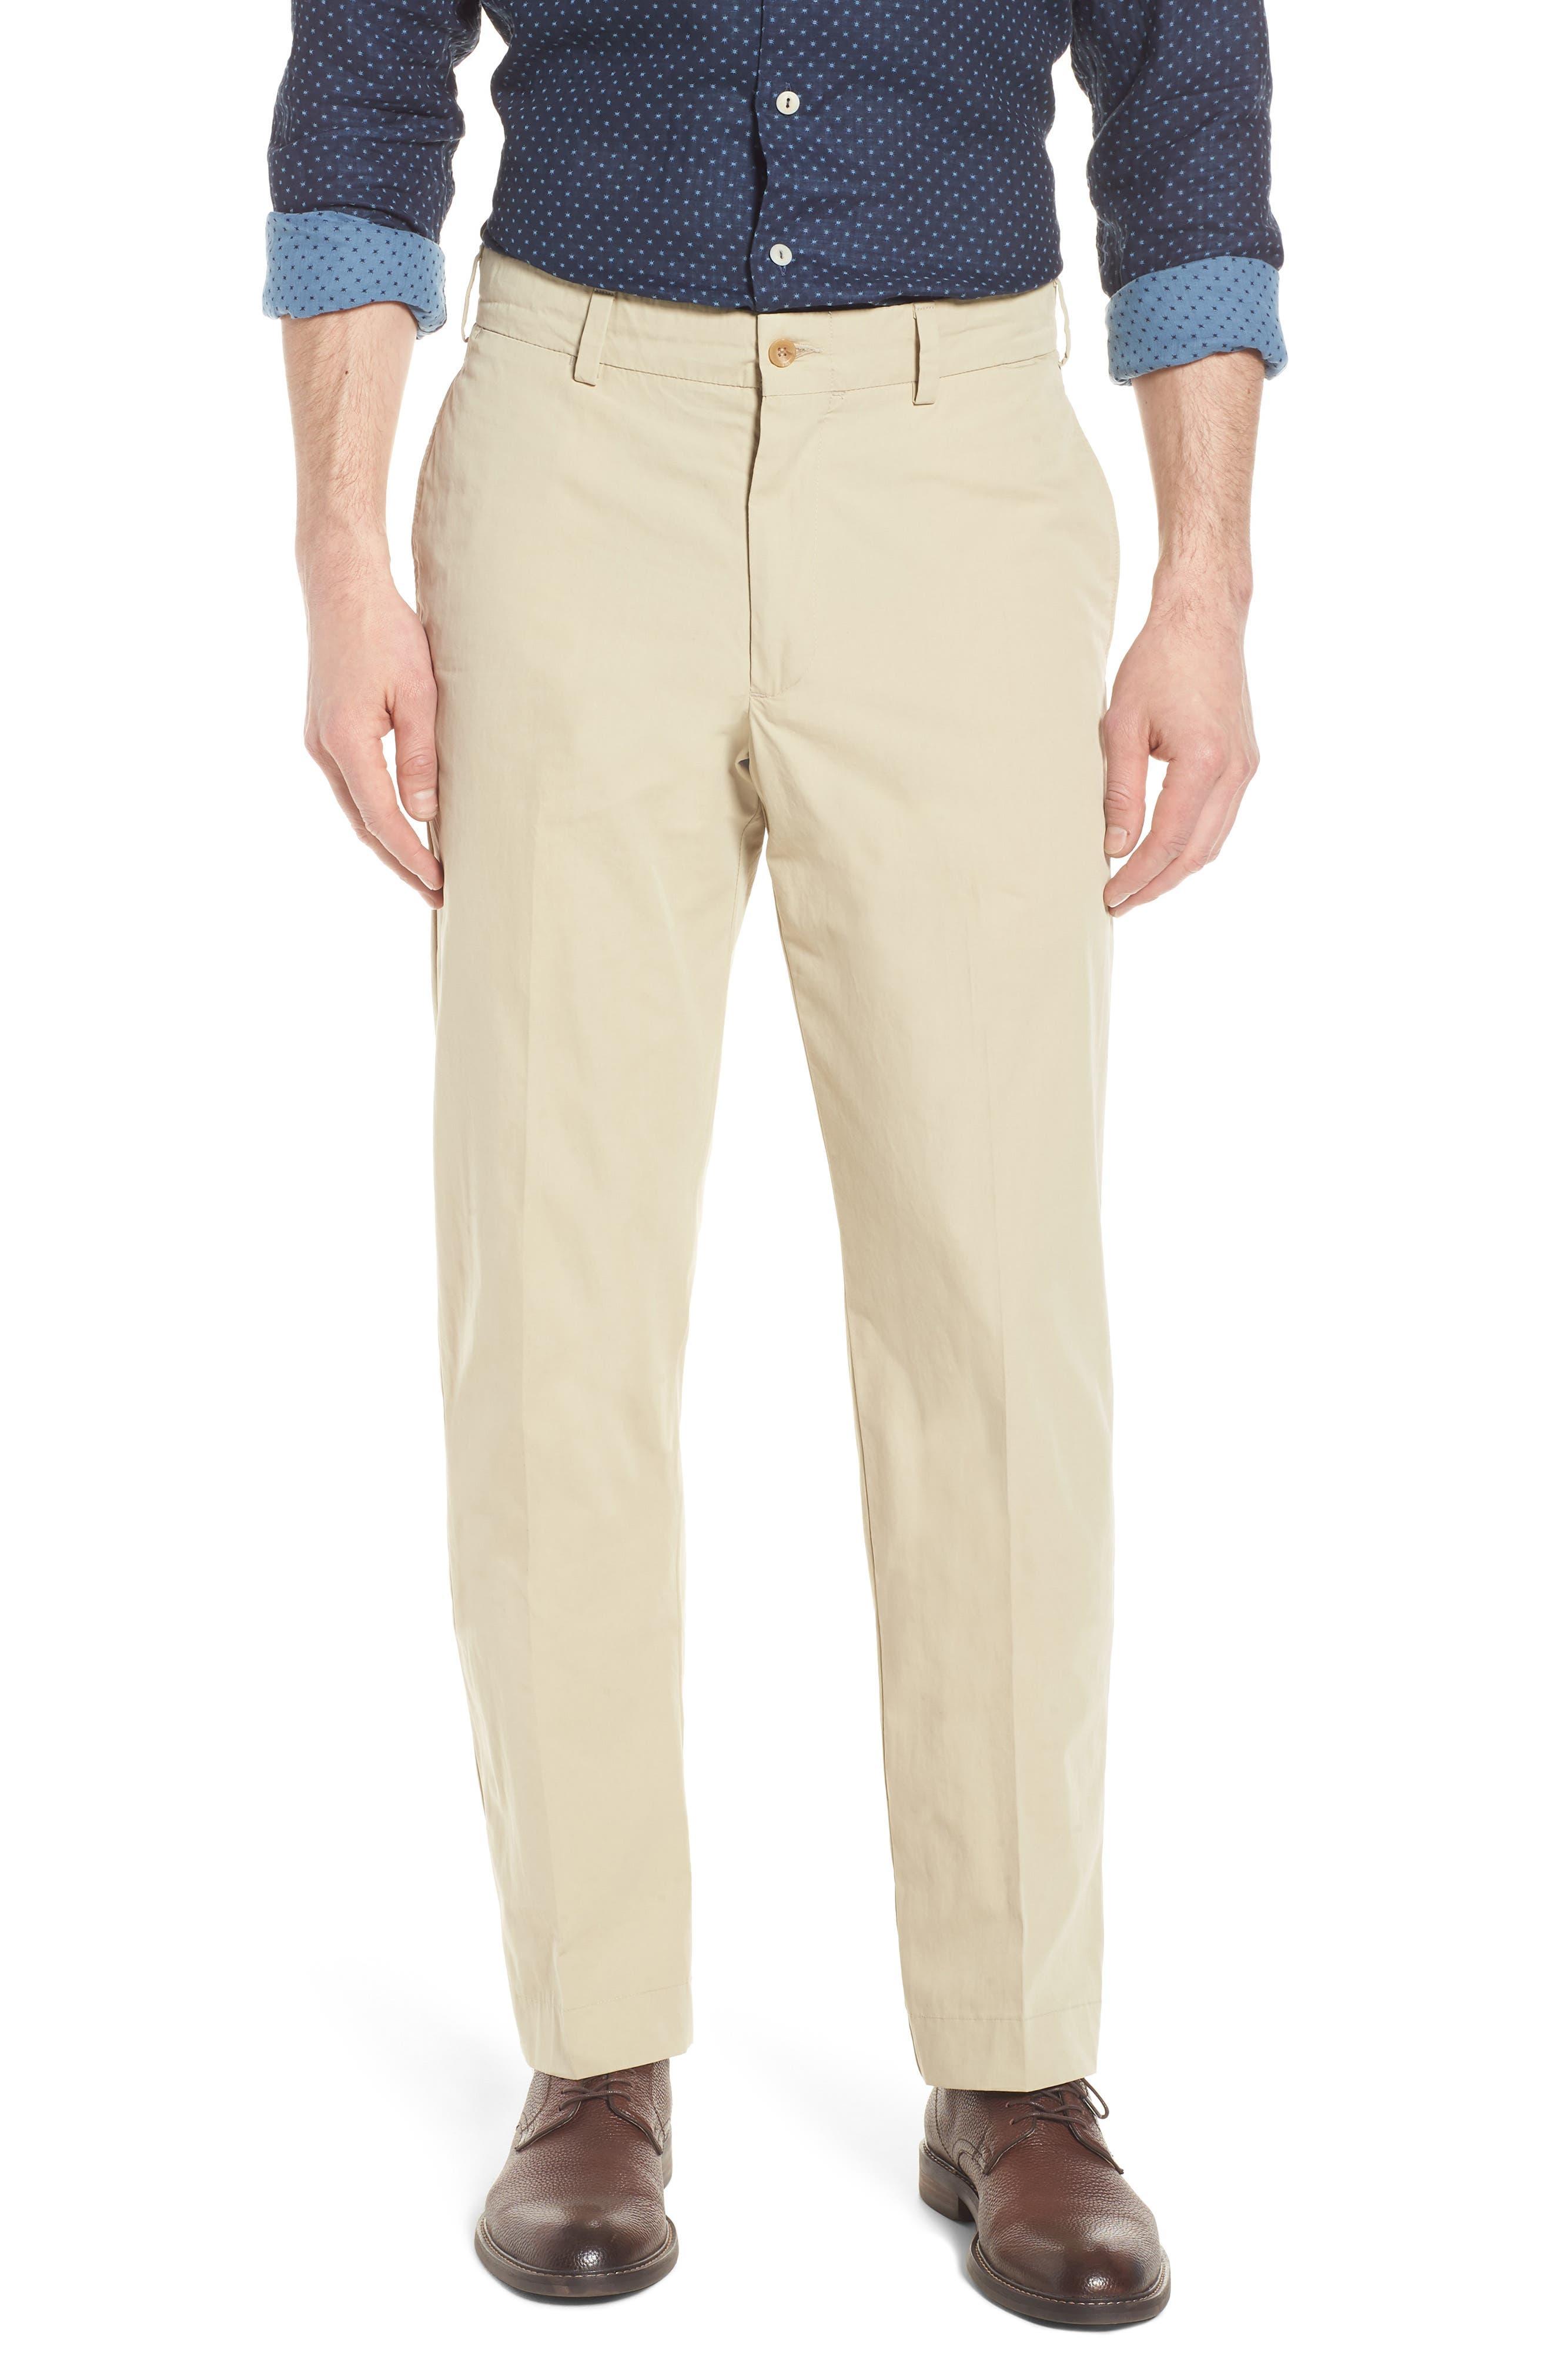 M2 Classic Fit Flat Front Tropical Cotton Poplin Pants,                         Main,                         color, 250